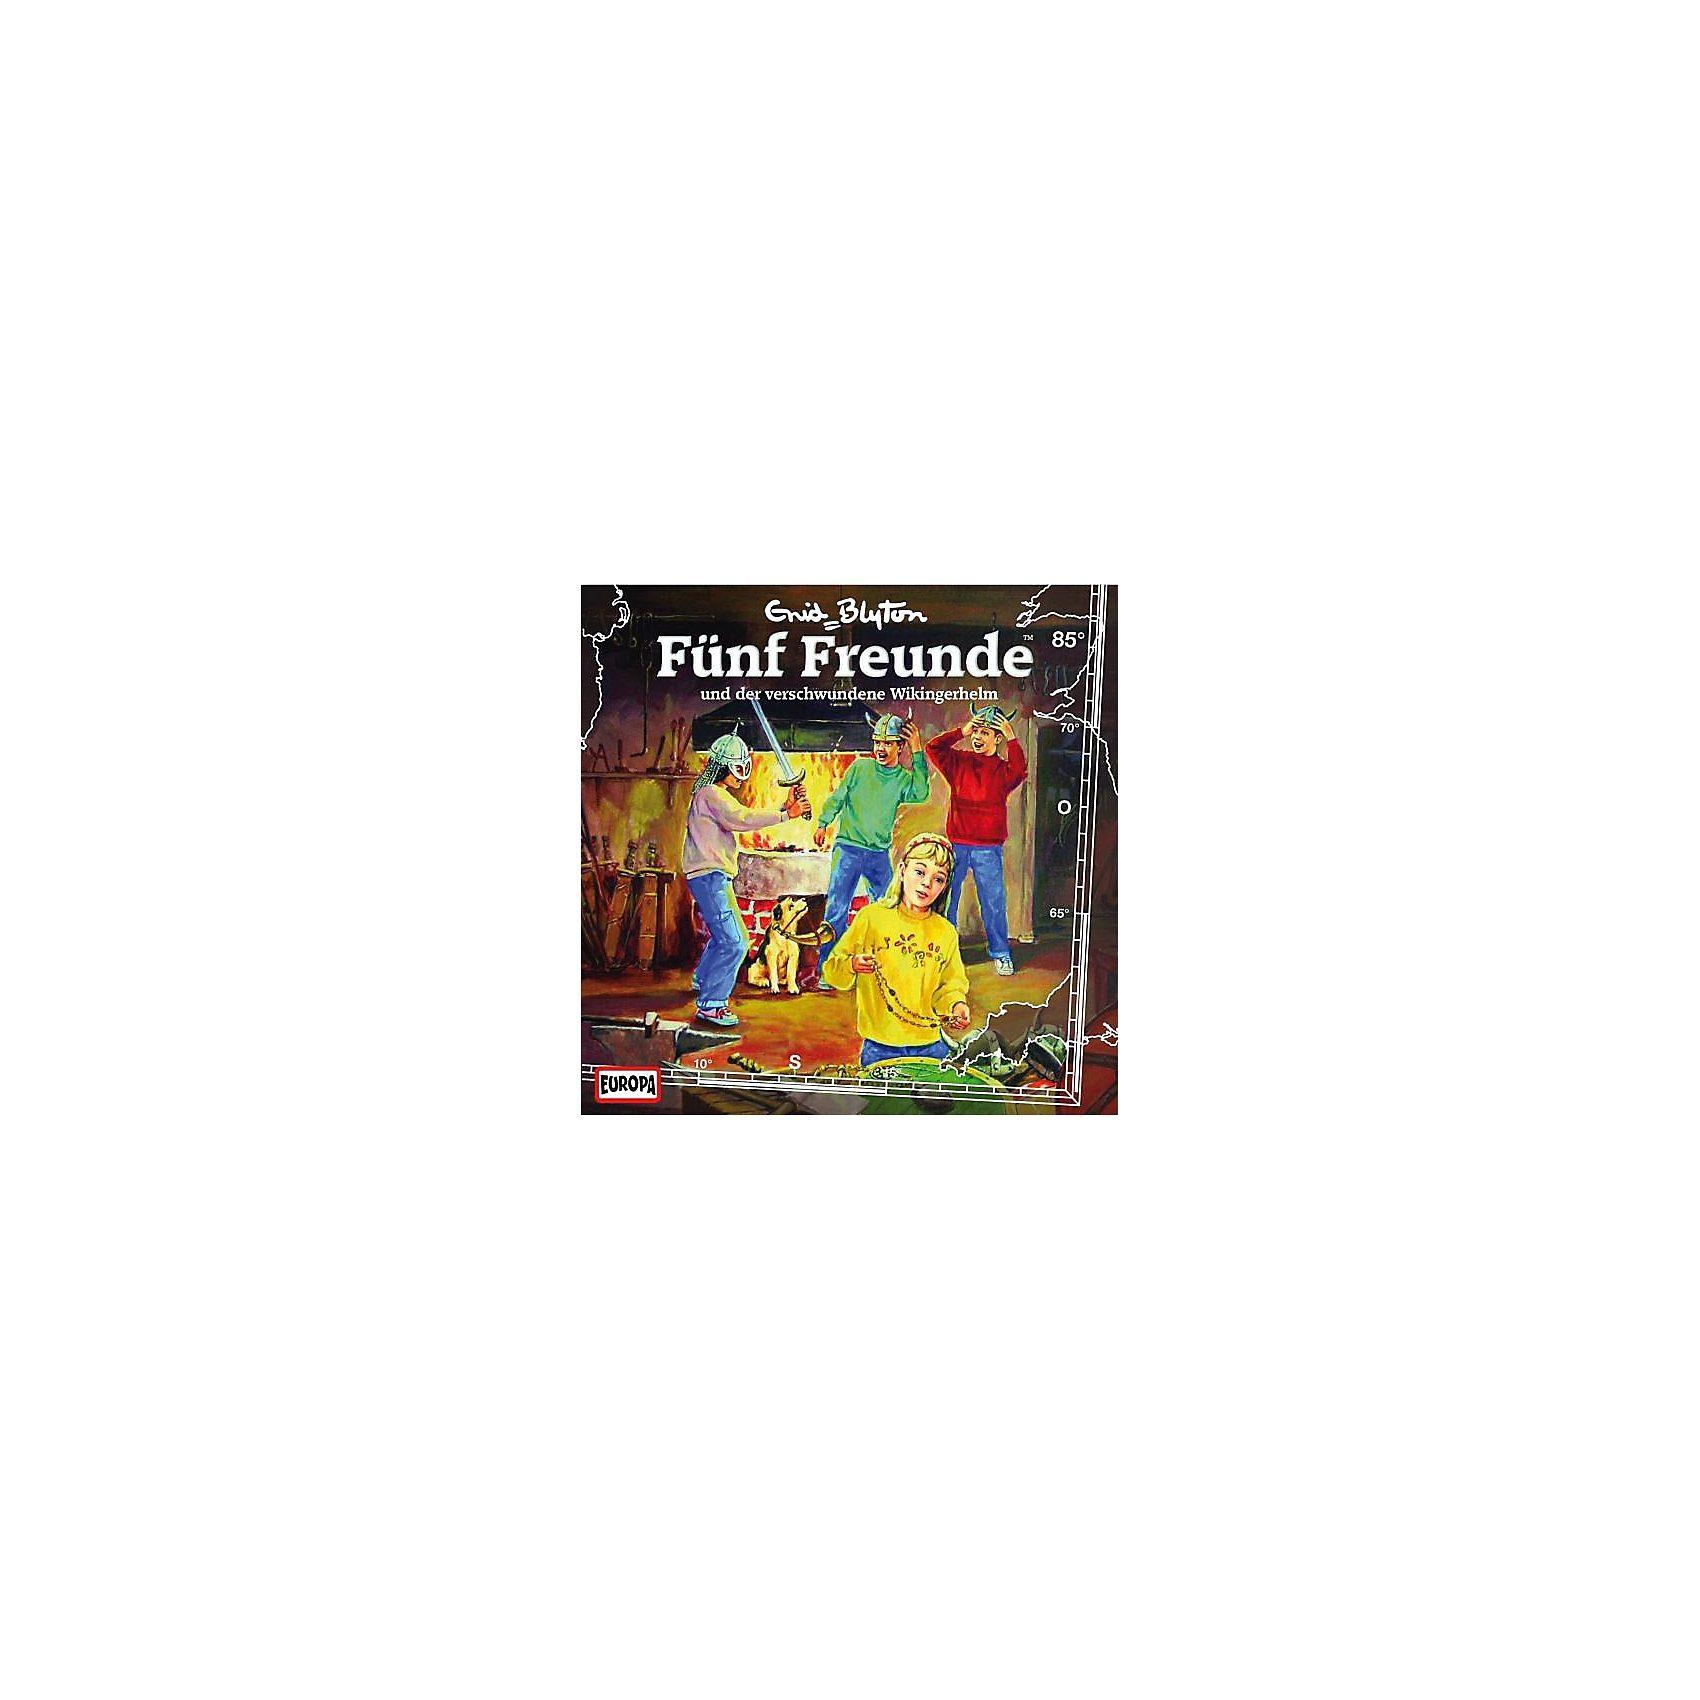 Sony CD Fünf Freunde 85 - und der verschwunde Wikingerhelm